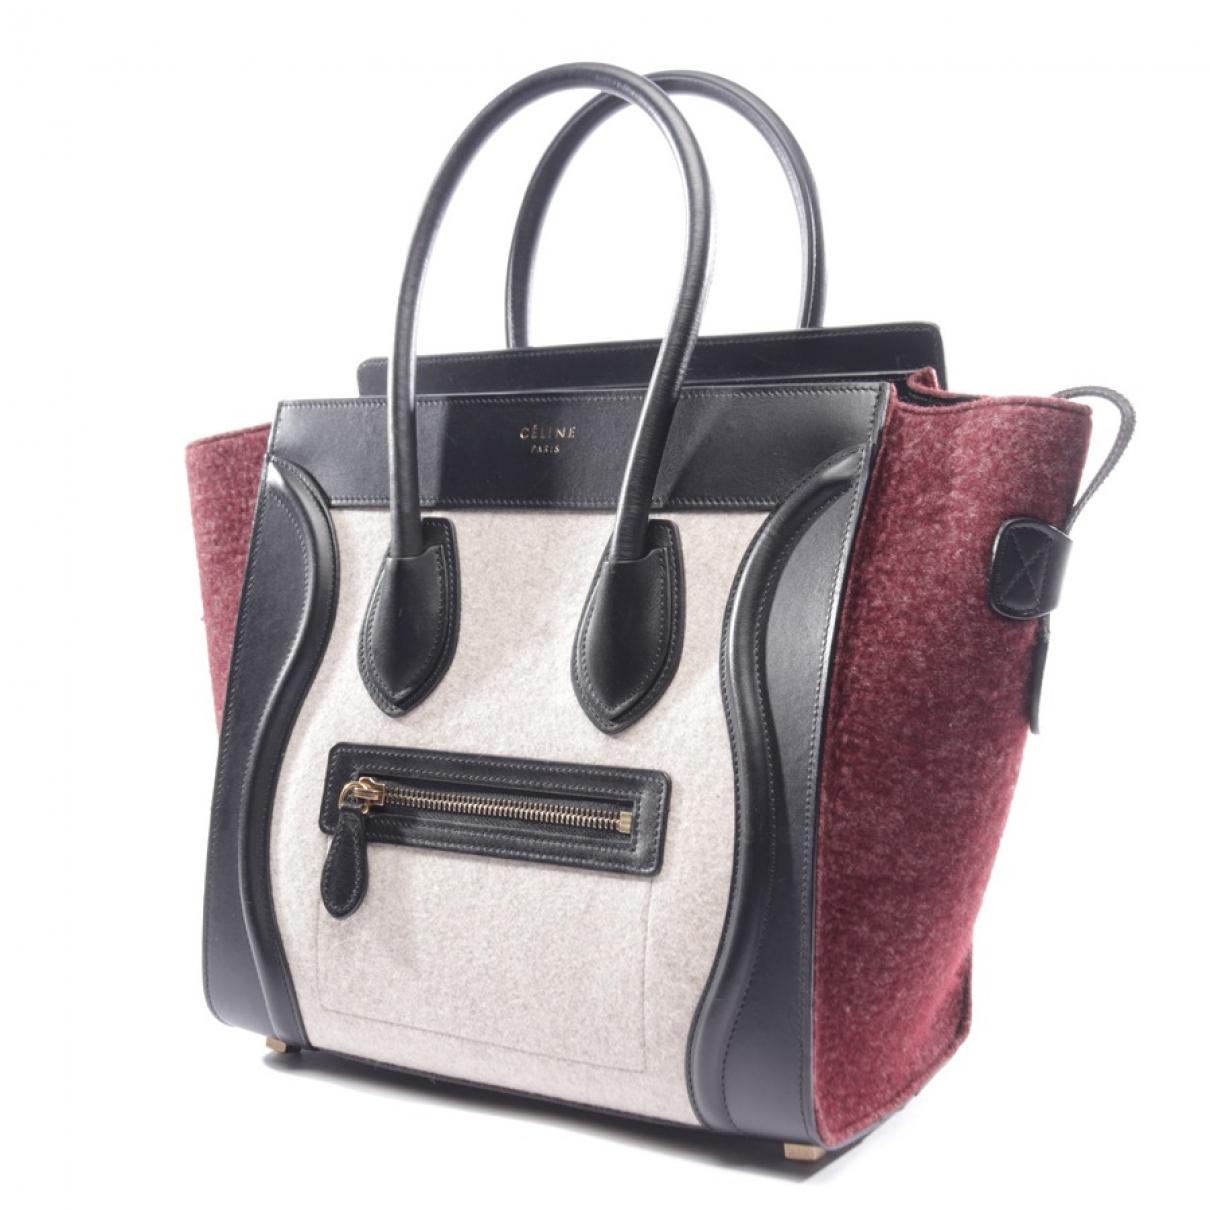 Celine - Sac a main Luggage pour femme en toile - multicolore